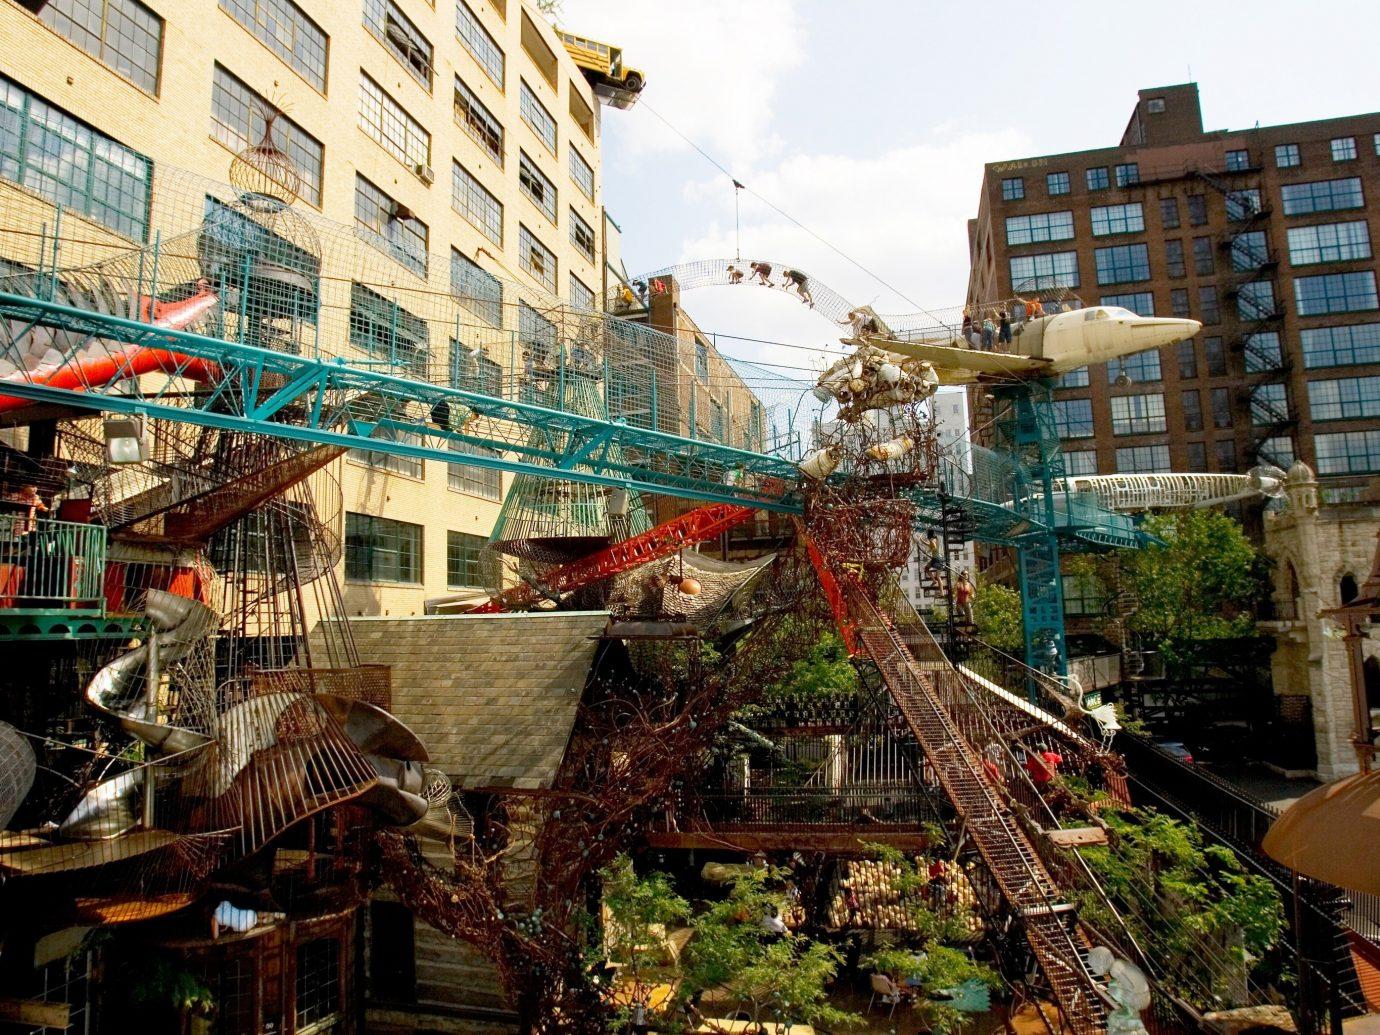 Trip Ideas building outdoor City urban area Town metropolis neighbourhood human settlement cityscape Downtown street